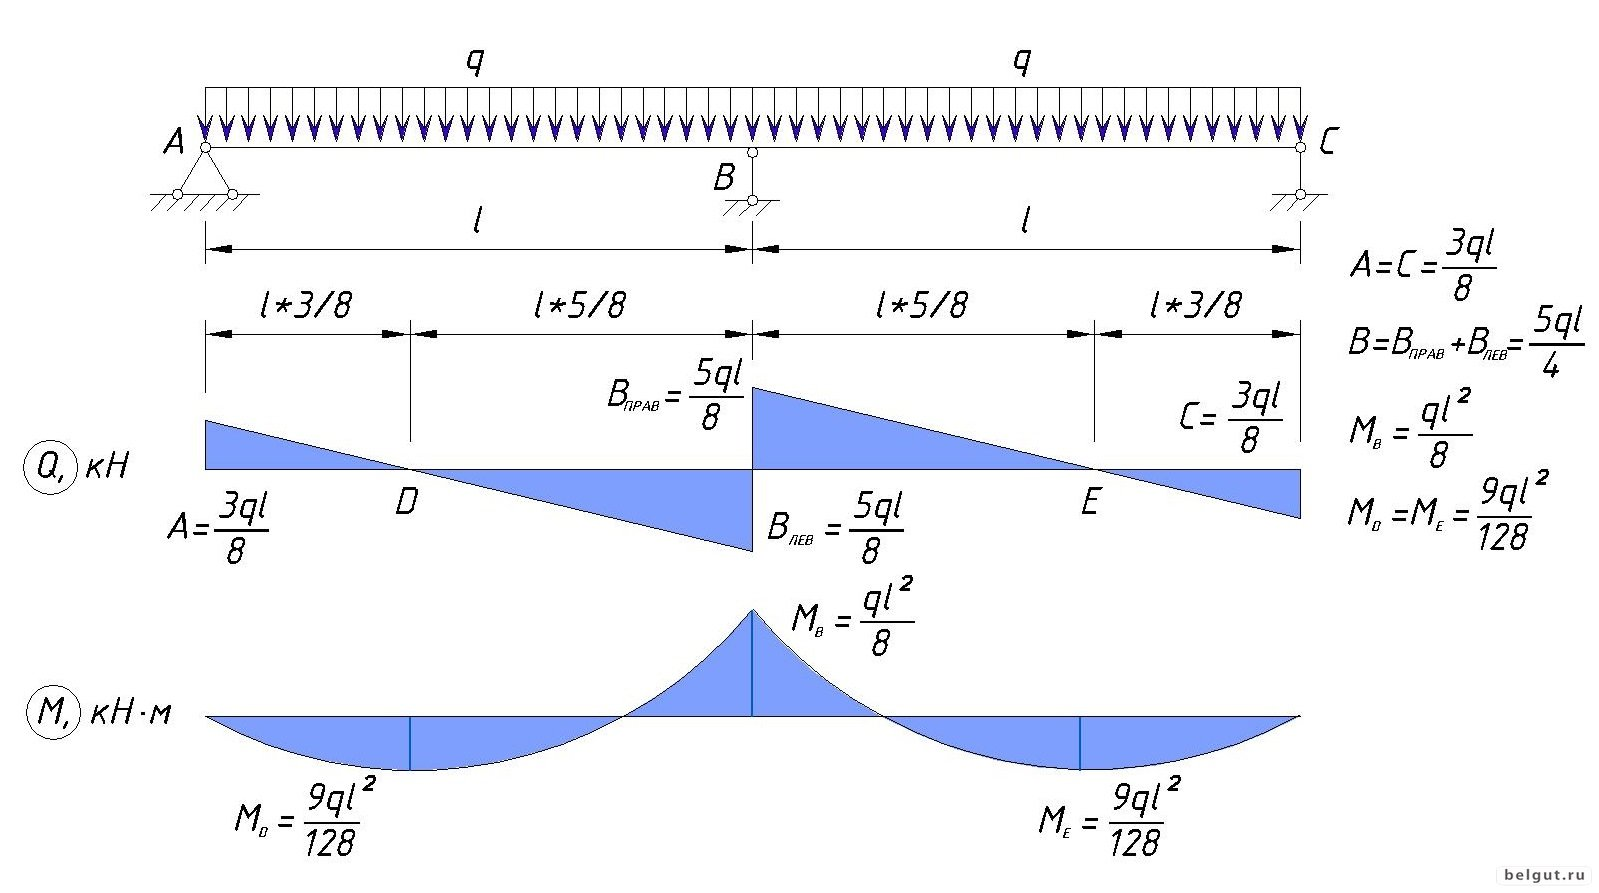 Расчетные схемы для балок с консолью